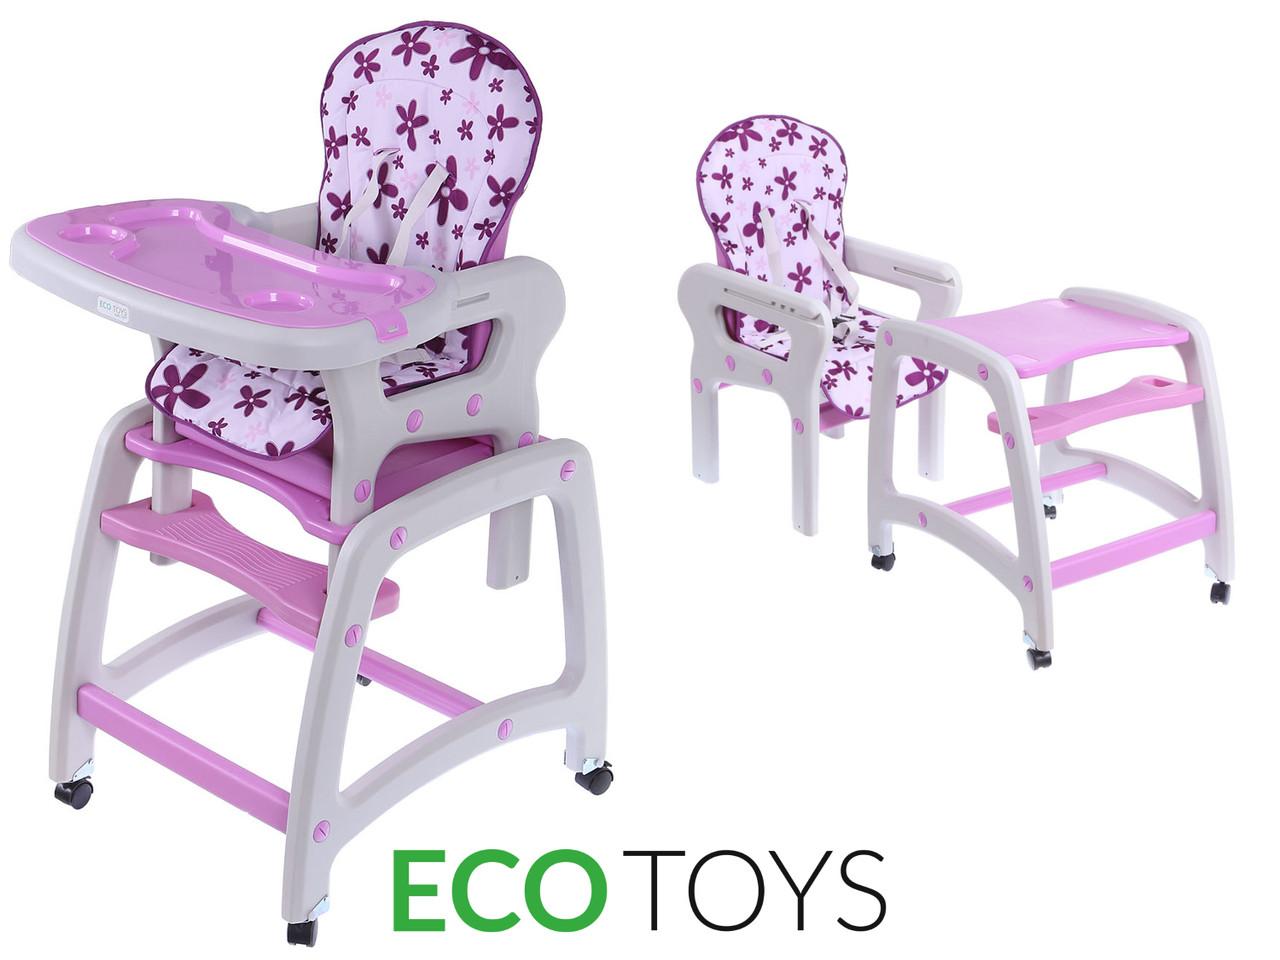 Кресло для кормления 2 в 1 ECOTOYS, фиолетовое